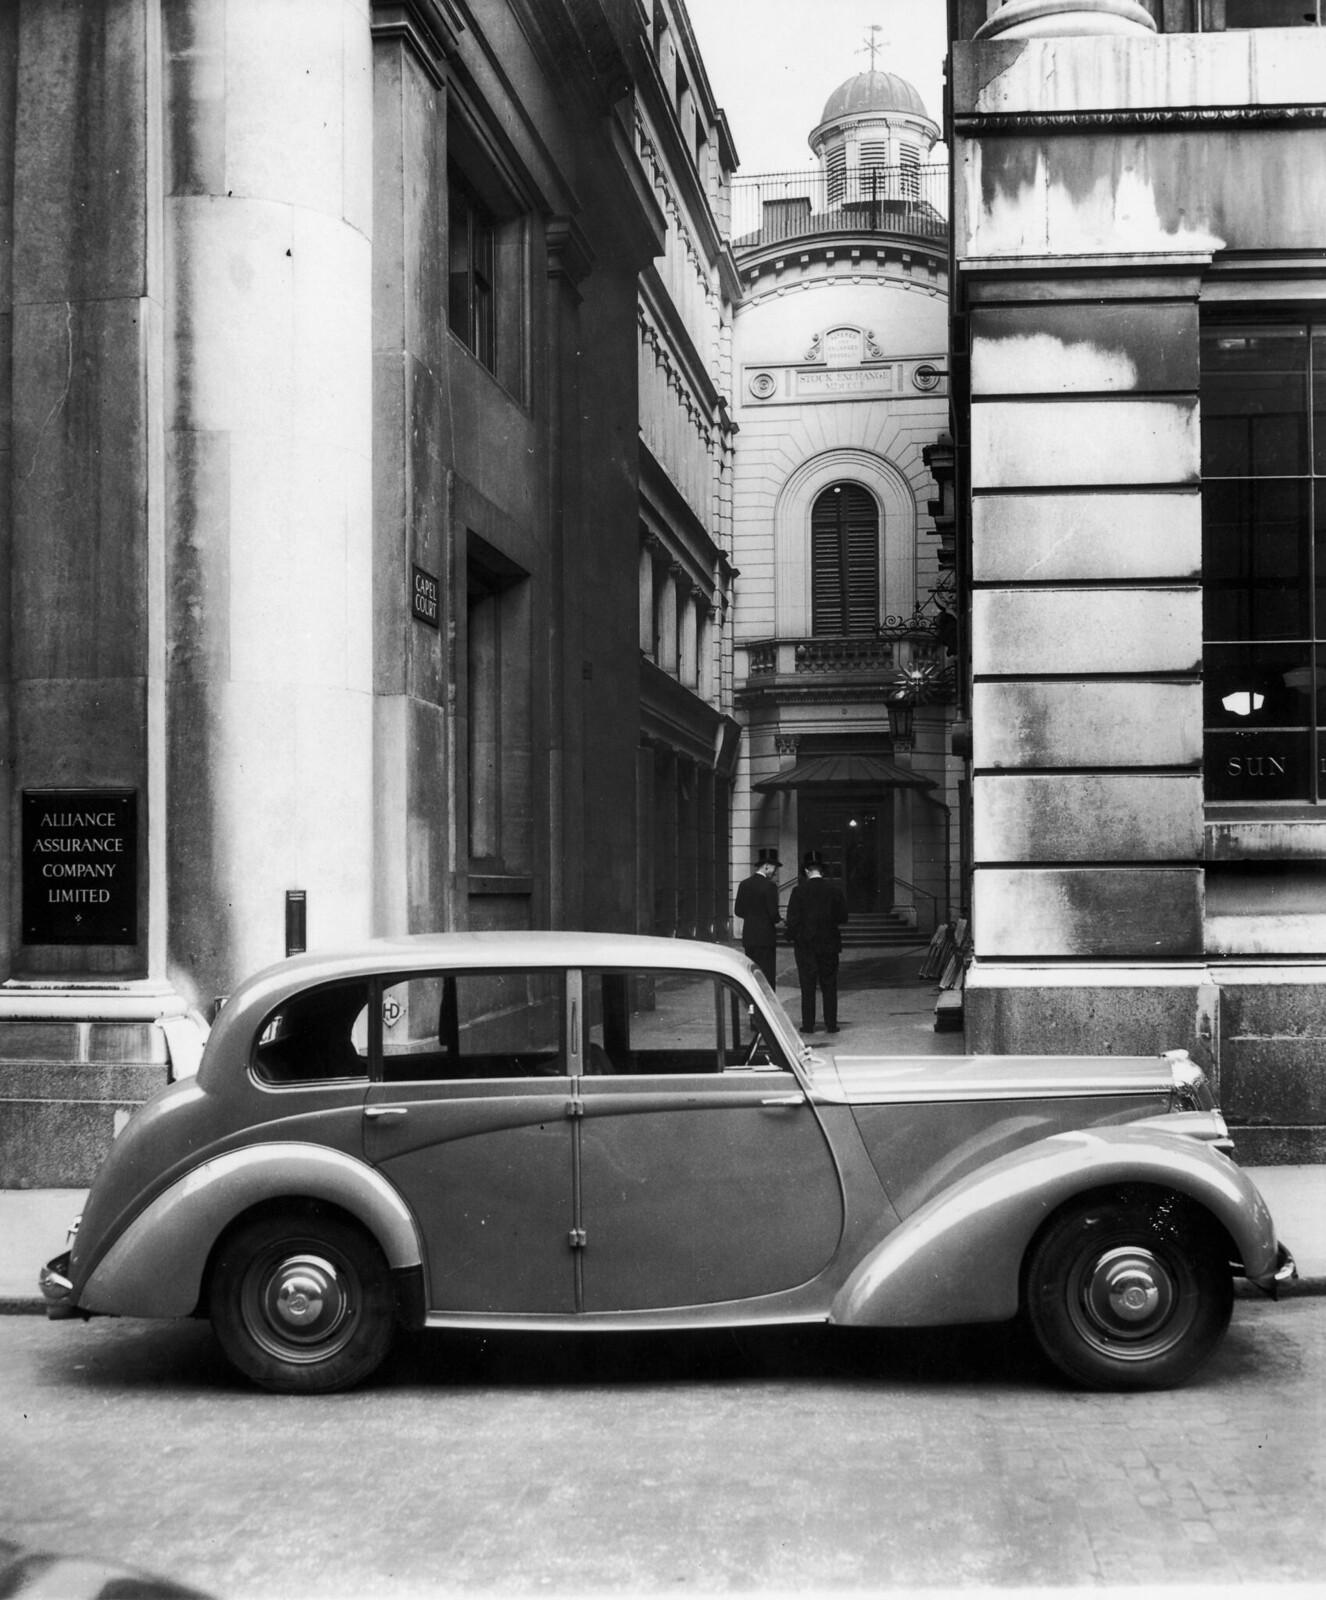 06. Служители Лондонской фондовой биржи в цилиндрах стоят в здании Капел Корт у входа на фондовую биржу